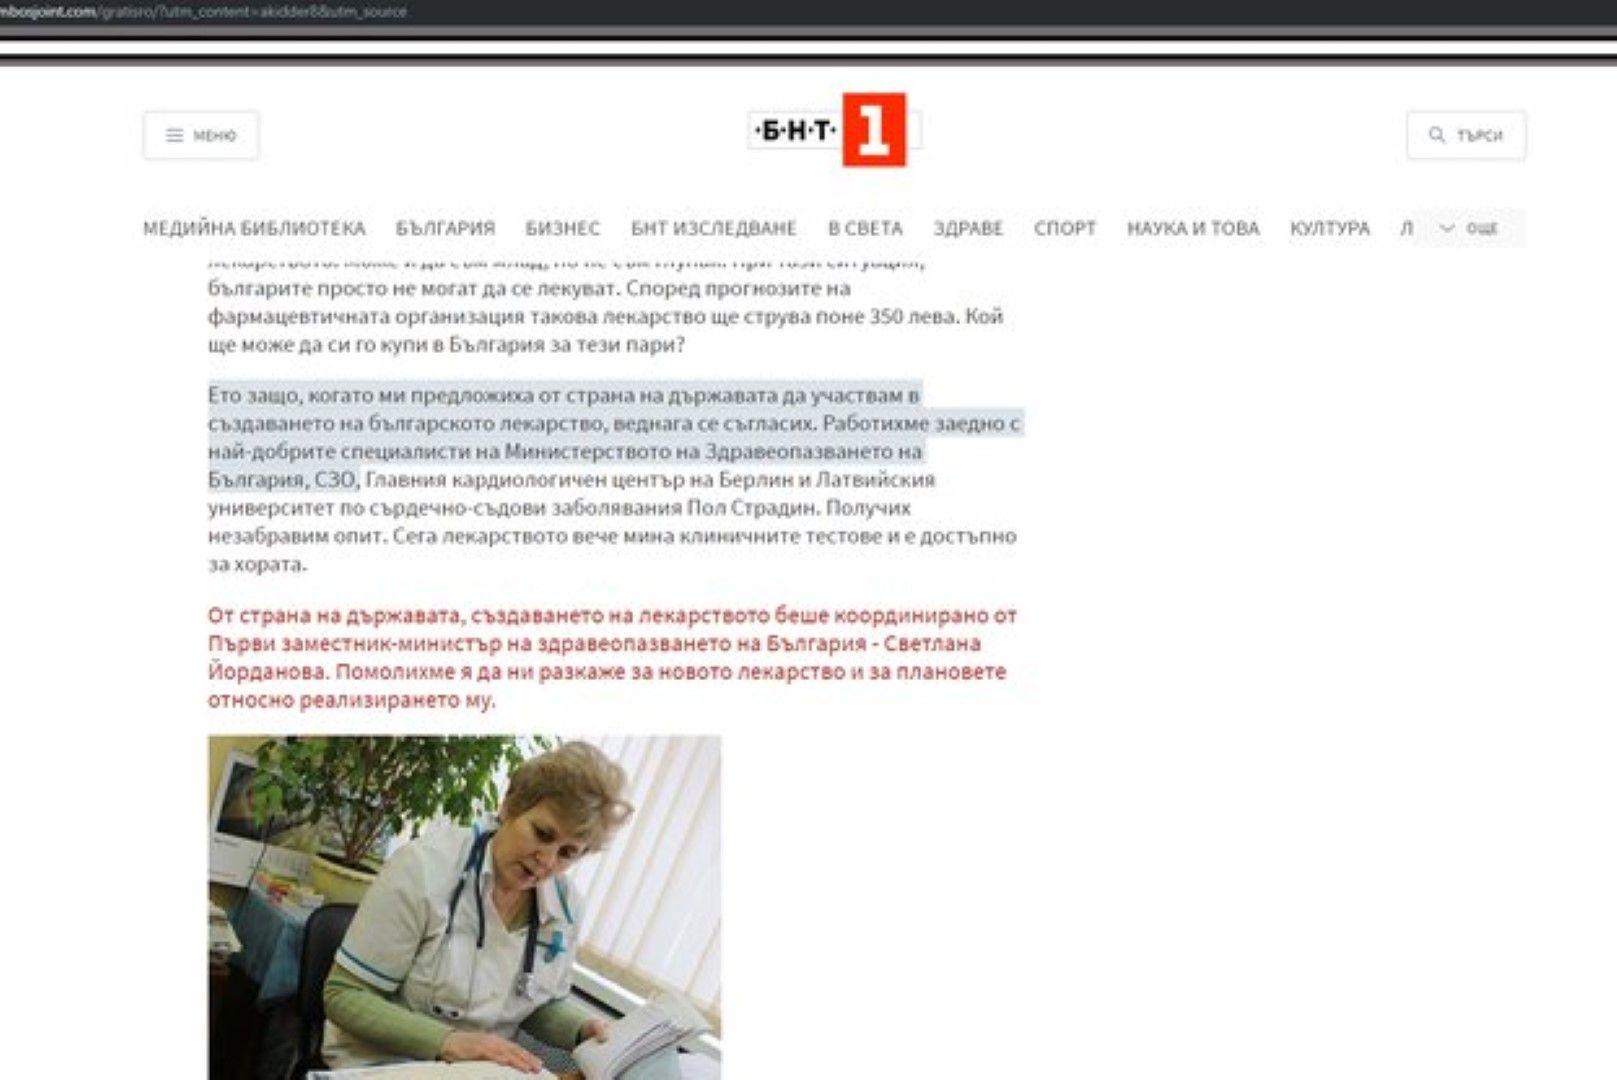 Фалшив сайт промотира опасно лекарство за високо кръвно налягане, използвайки МЗ и БНТ